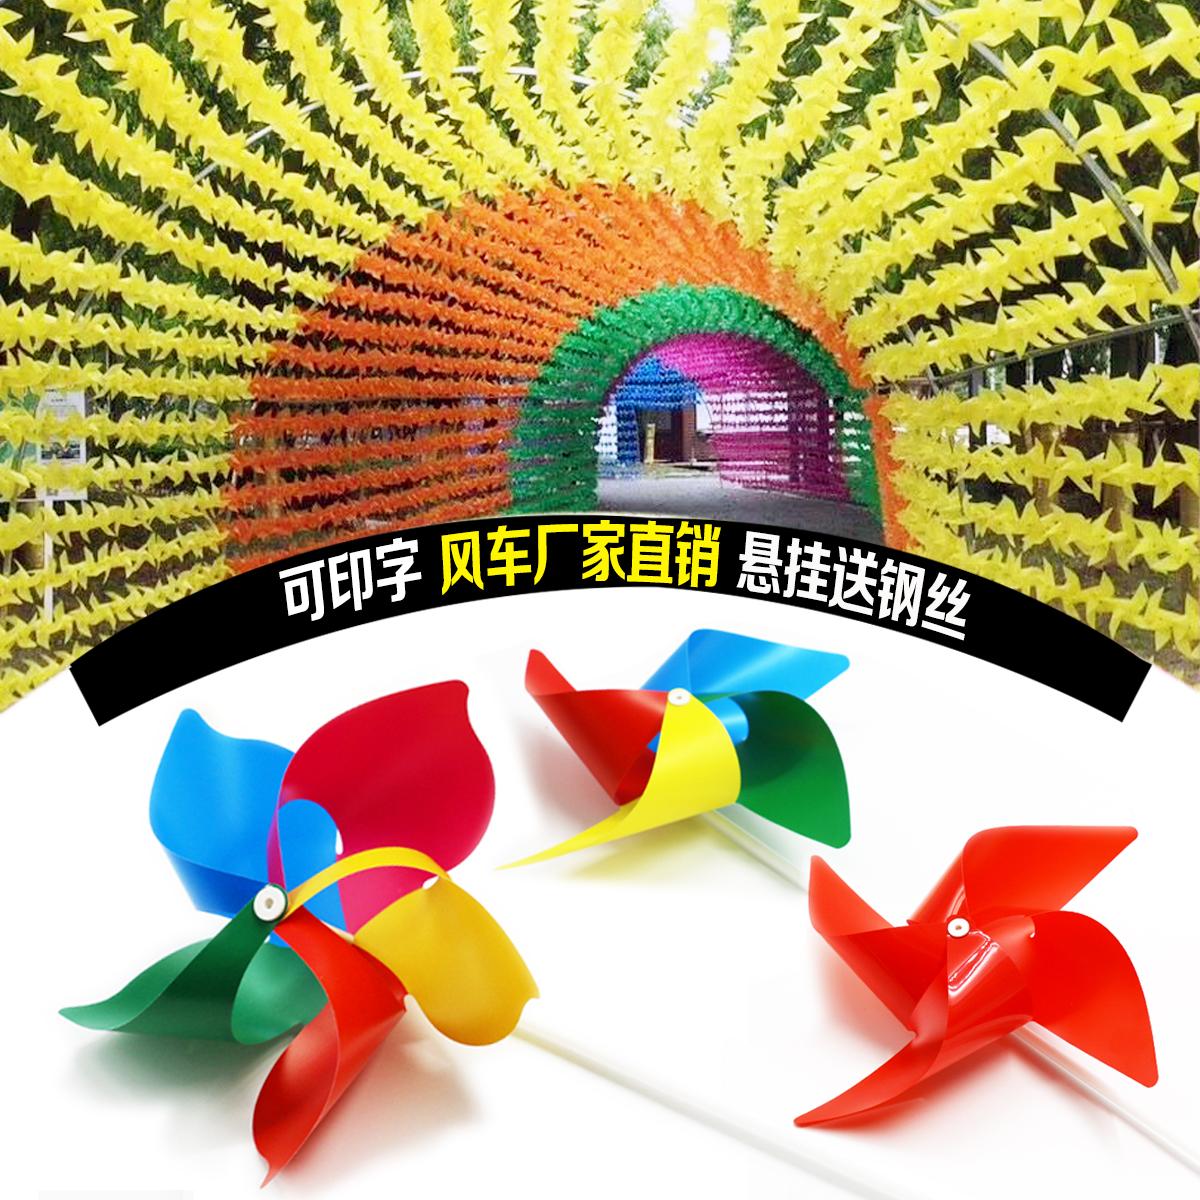 旋转装饰户外悬挂风车幼儿园儿童地推塑料小风车玩具批發大串七彩